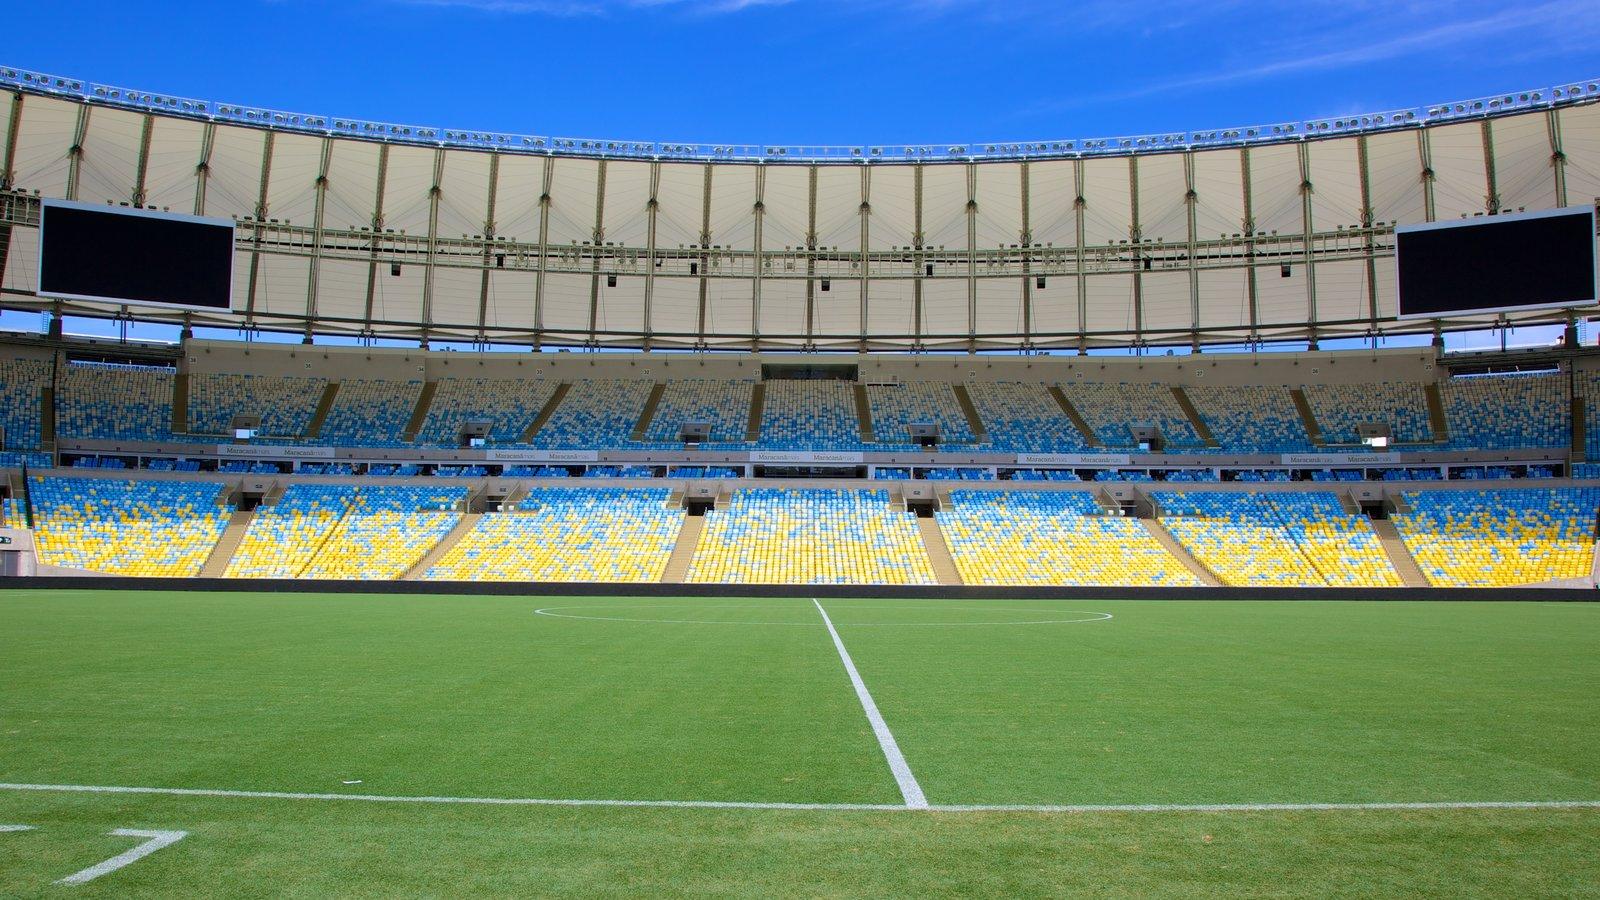 Estádio Mário Filho caracterizando uma cidade